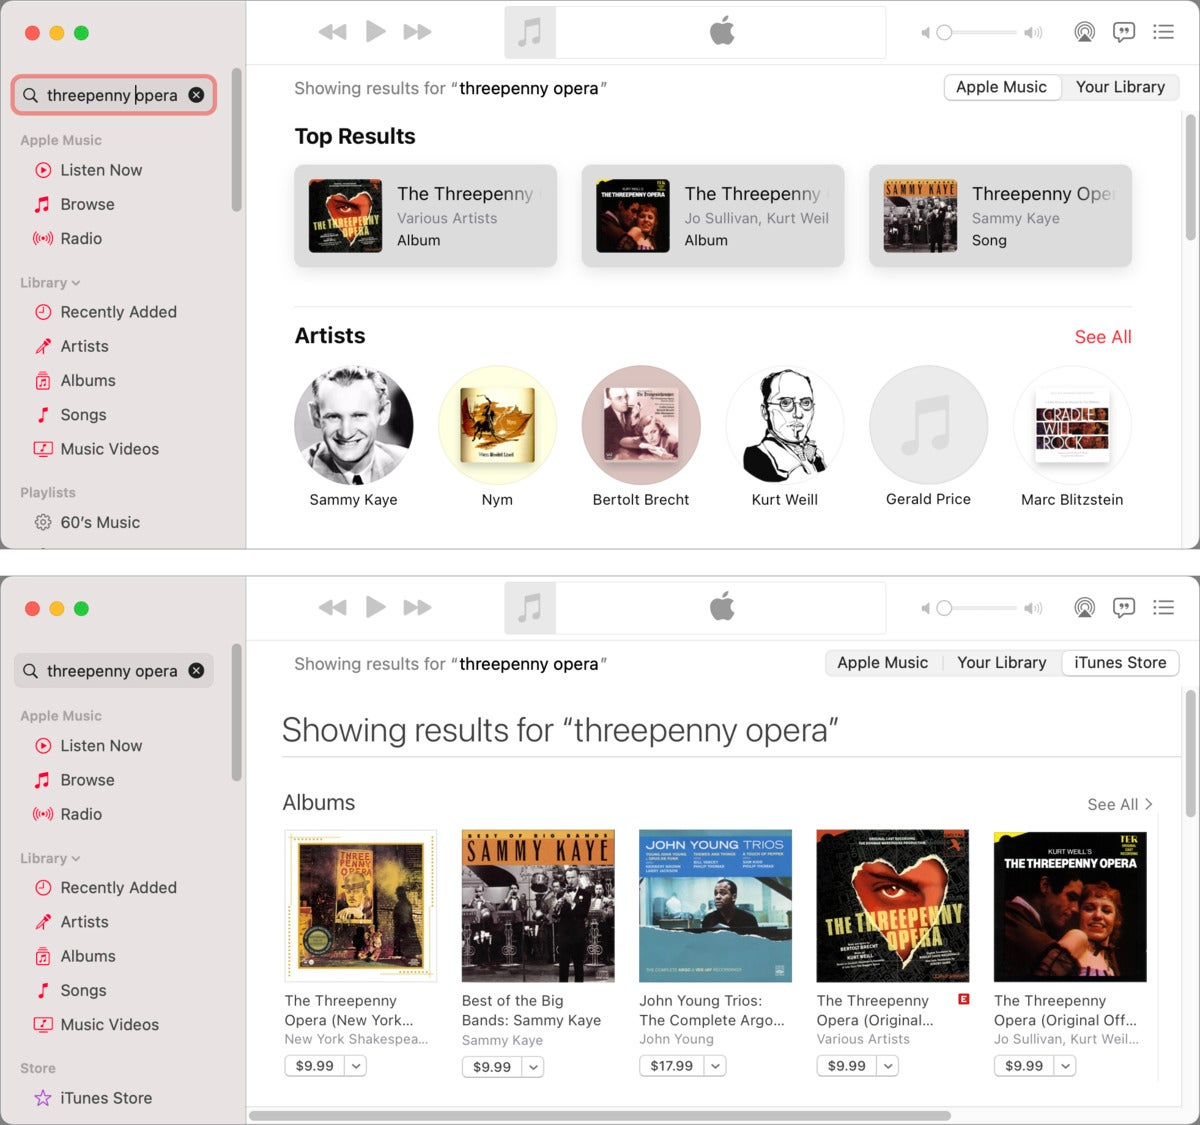 فروشگاه موسیقی mac911 itunes خرید نمایش